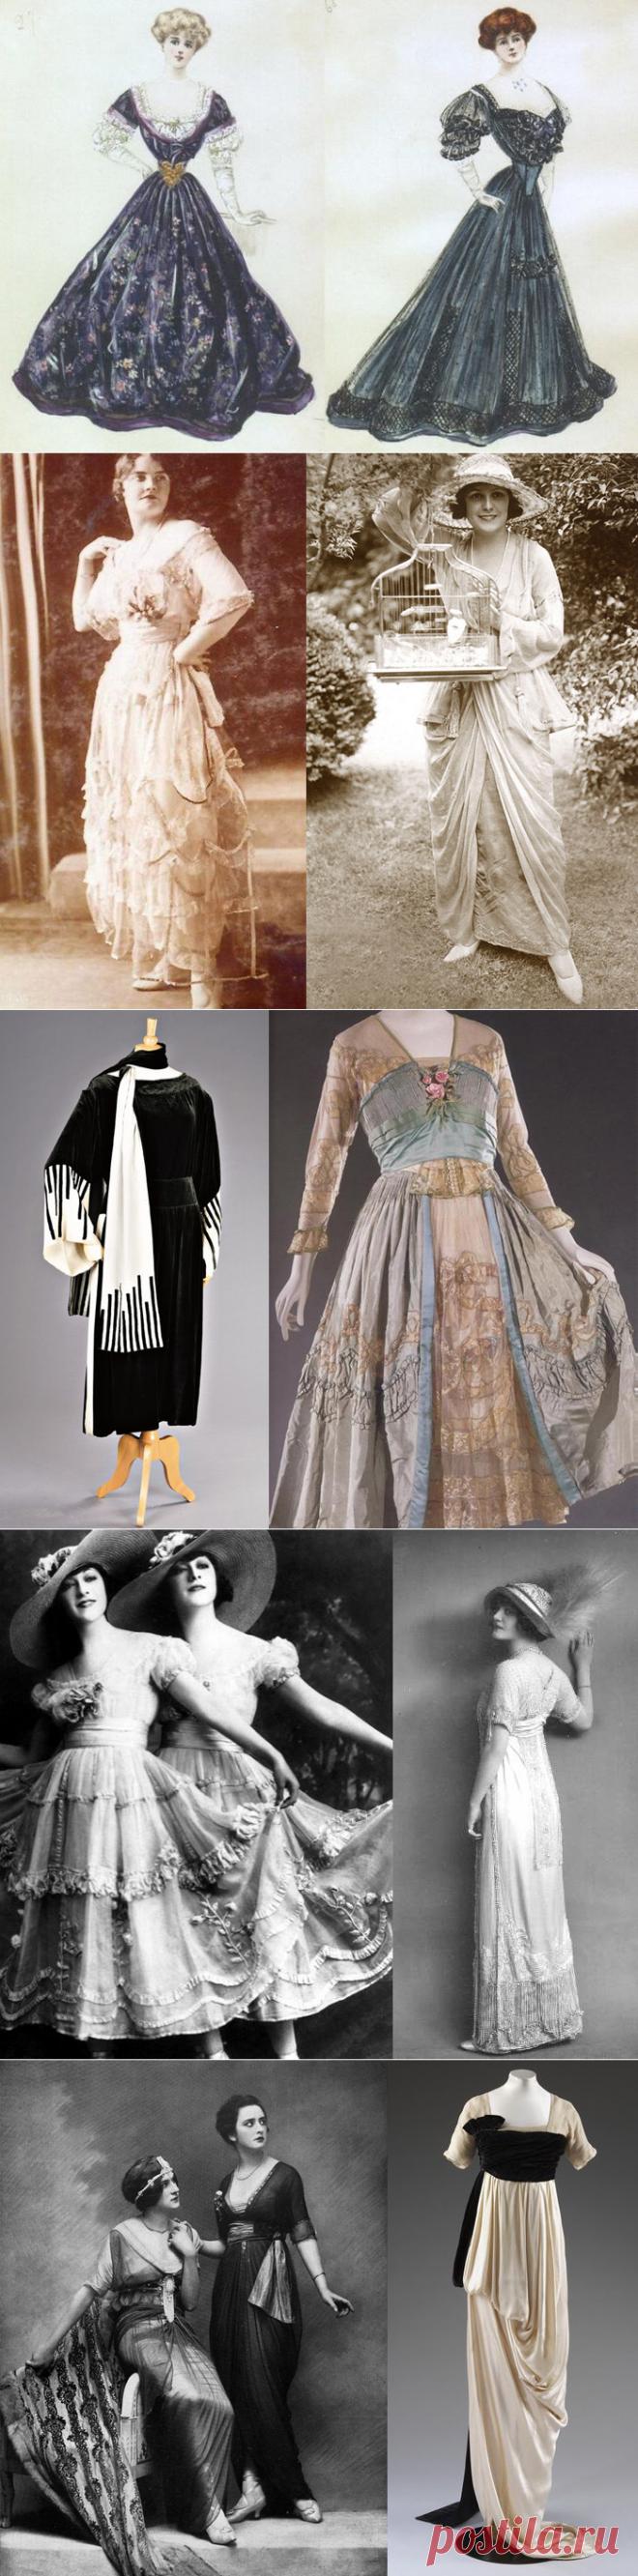 Как выжившая пассажирка «Титаника» изменила европейскую моду: Забытая модельер Люси Дафф Гордон